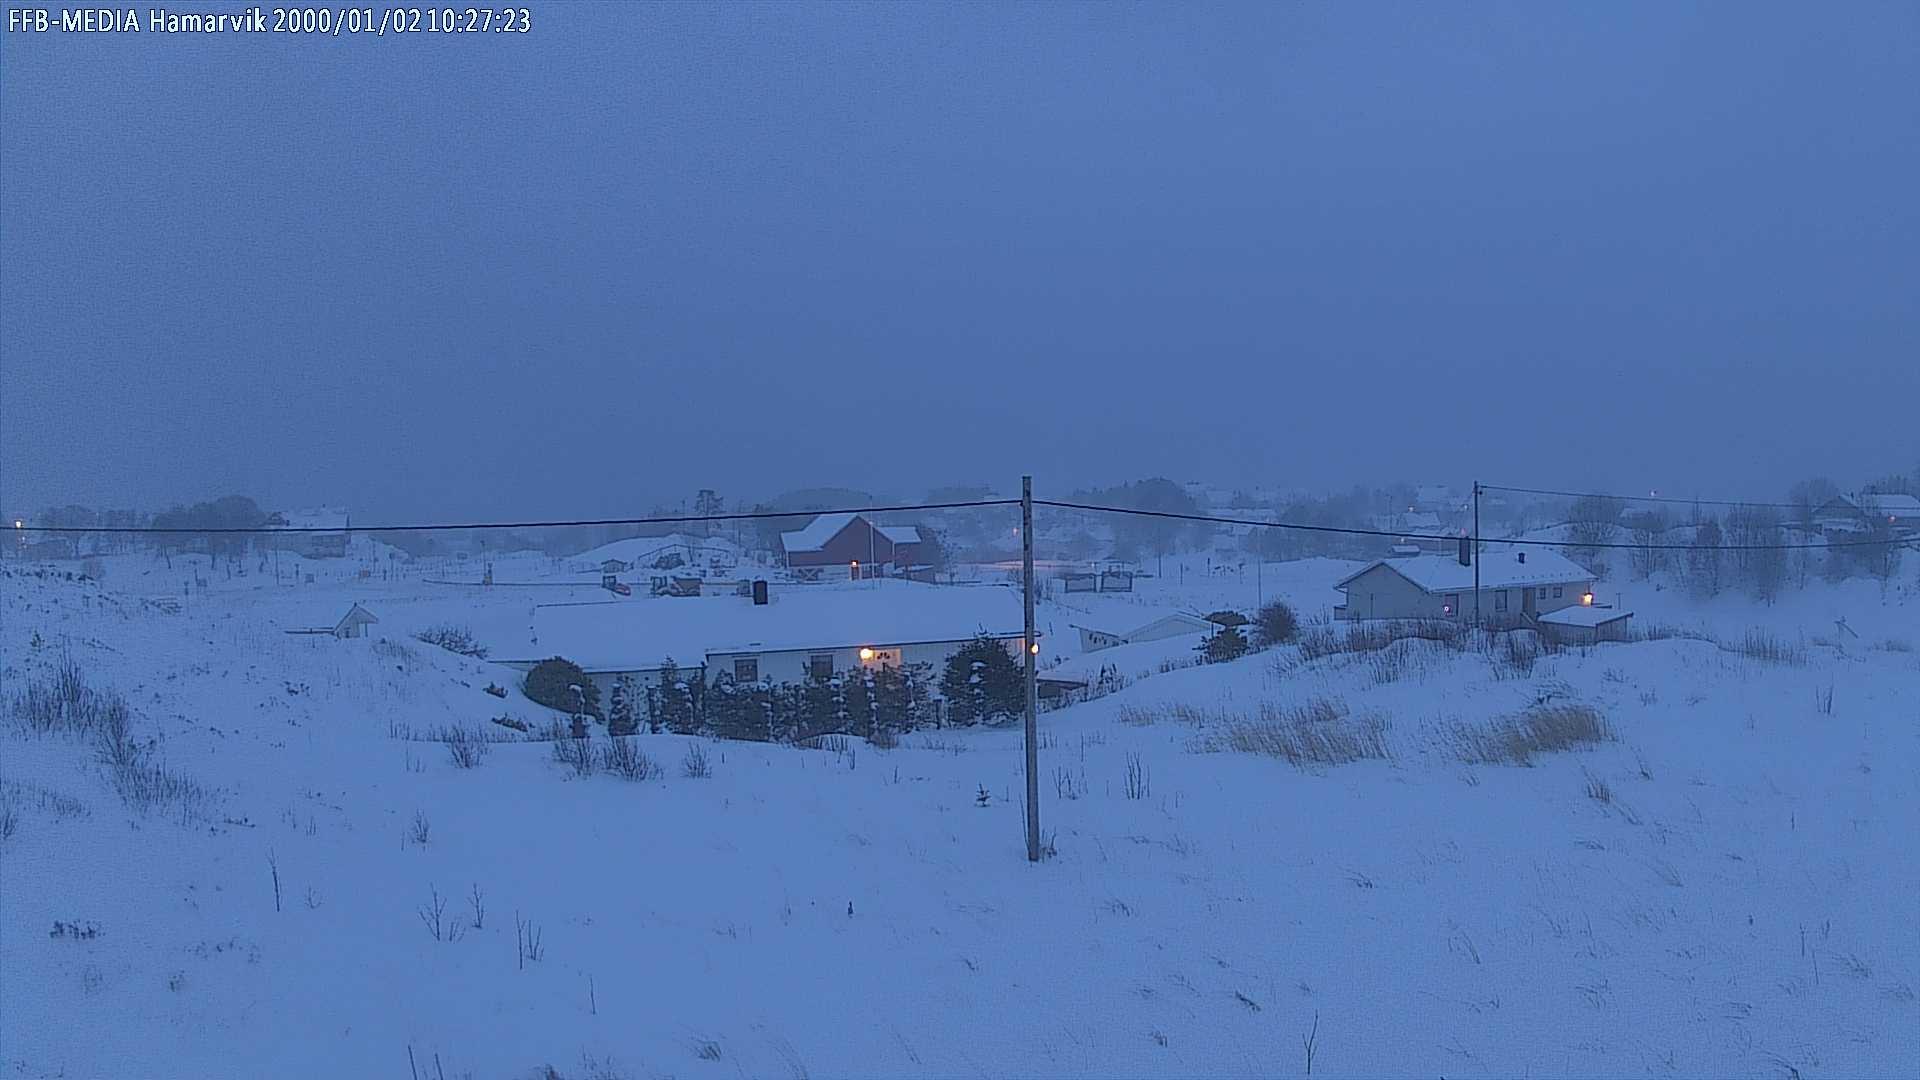 Webkamera Hammarvika › South: Hitra